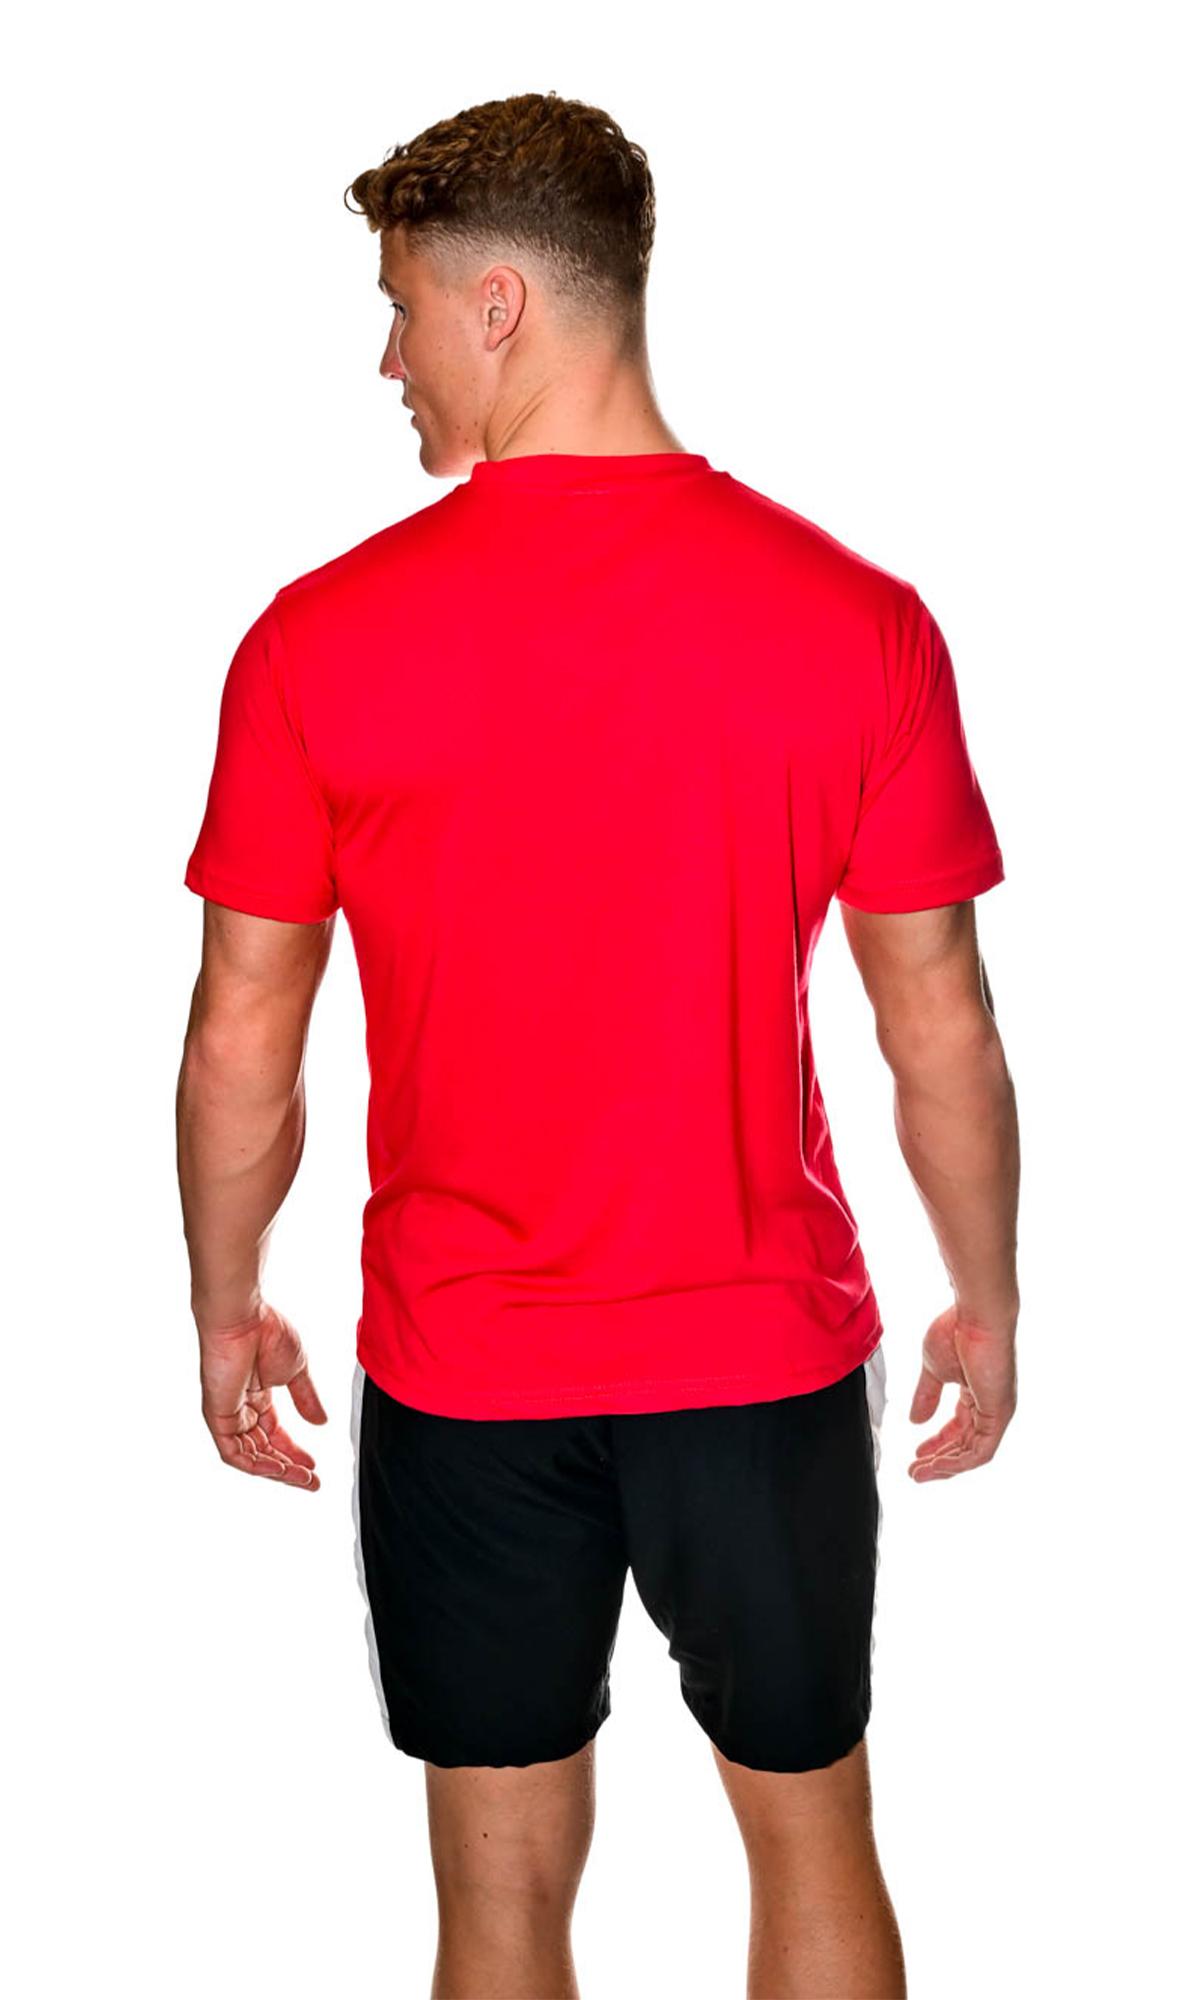 red-back-tshirt